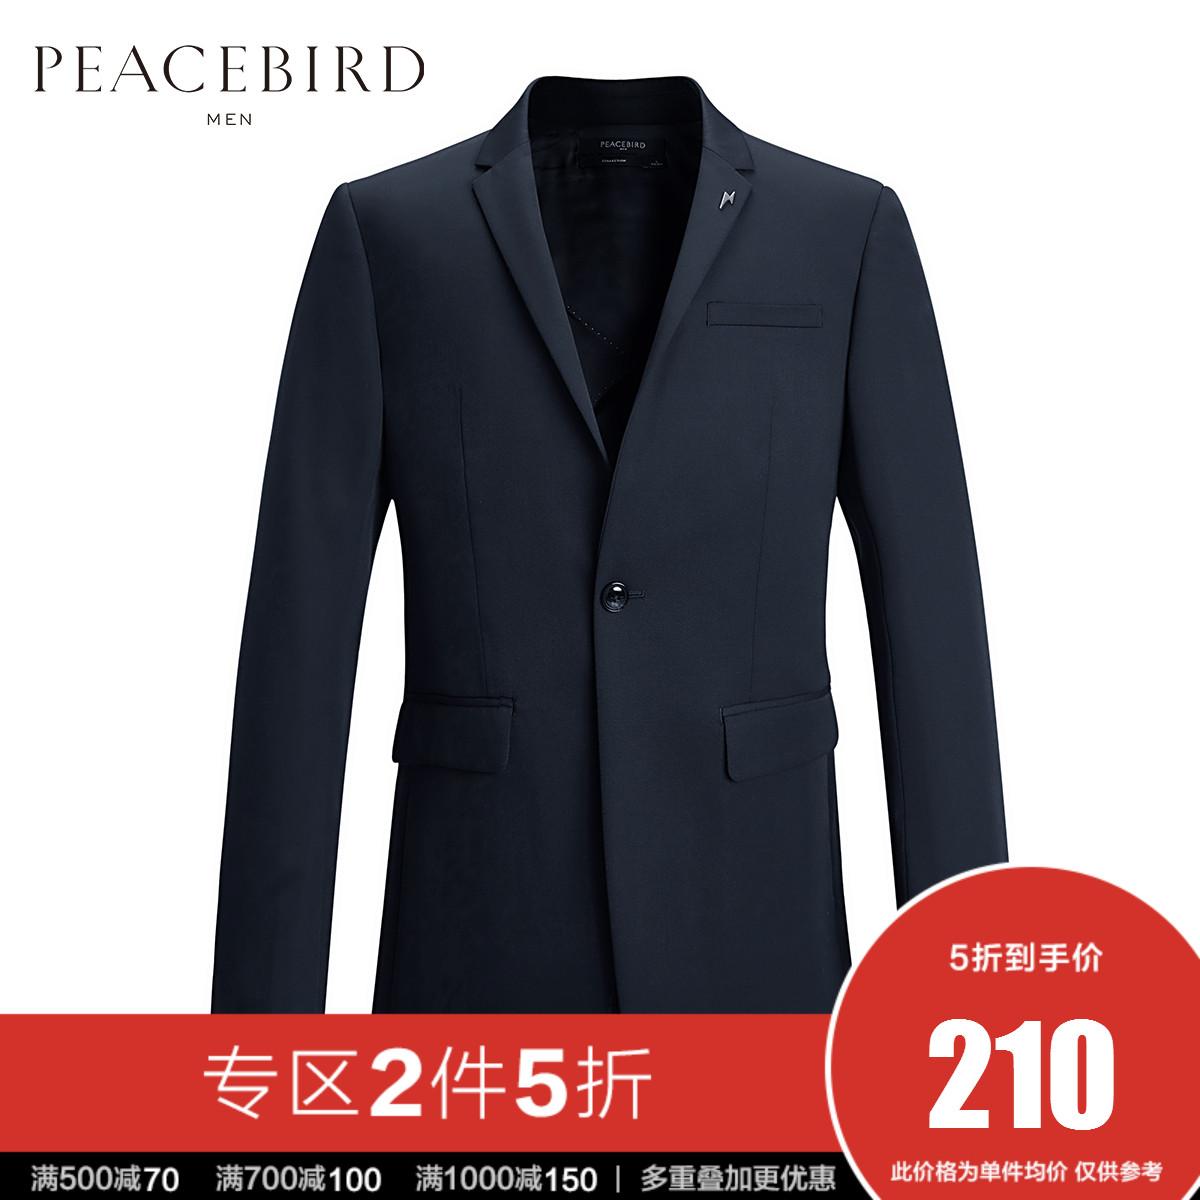 太平鸟男装男士藏蓝色正装西服上班修身休闲翻领西装B1BB64107